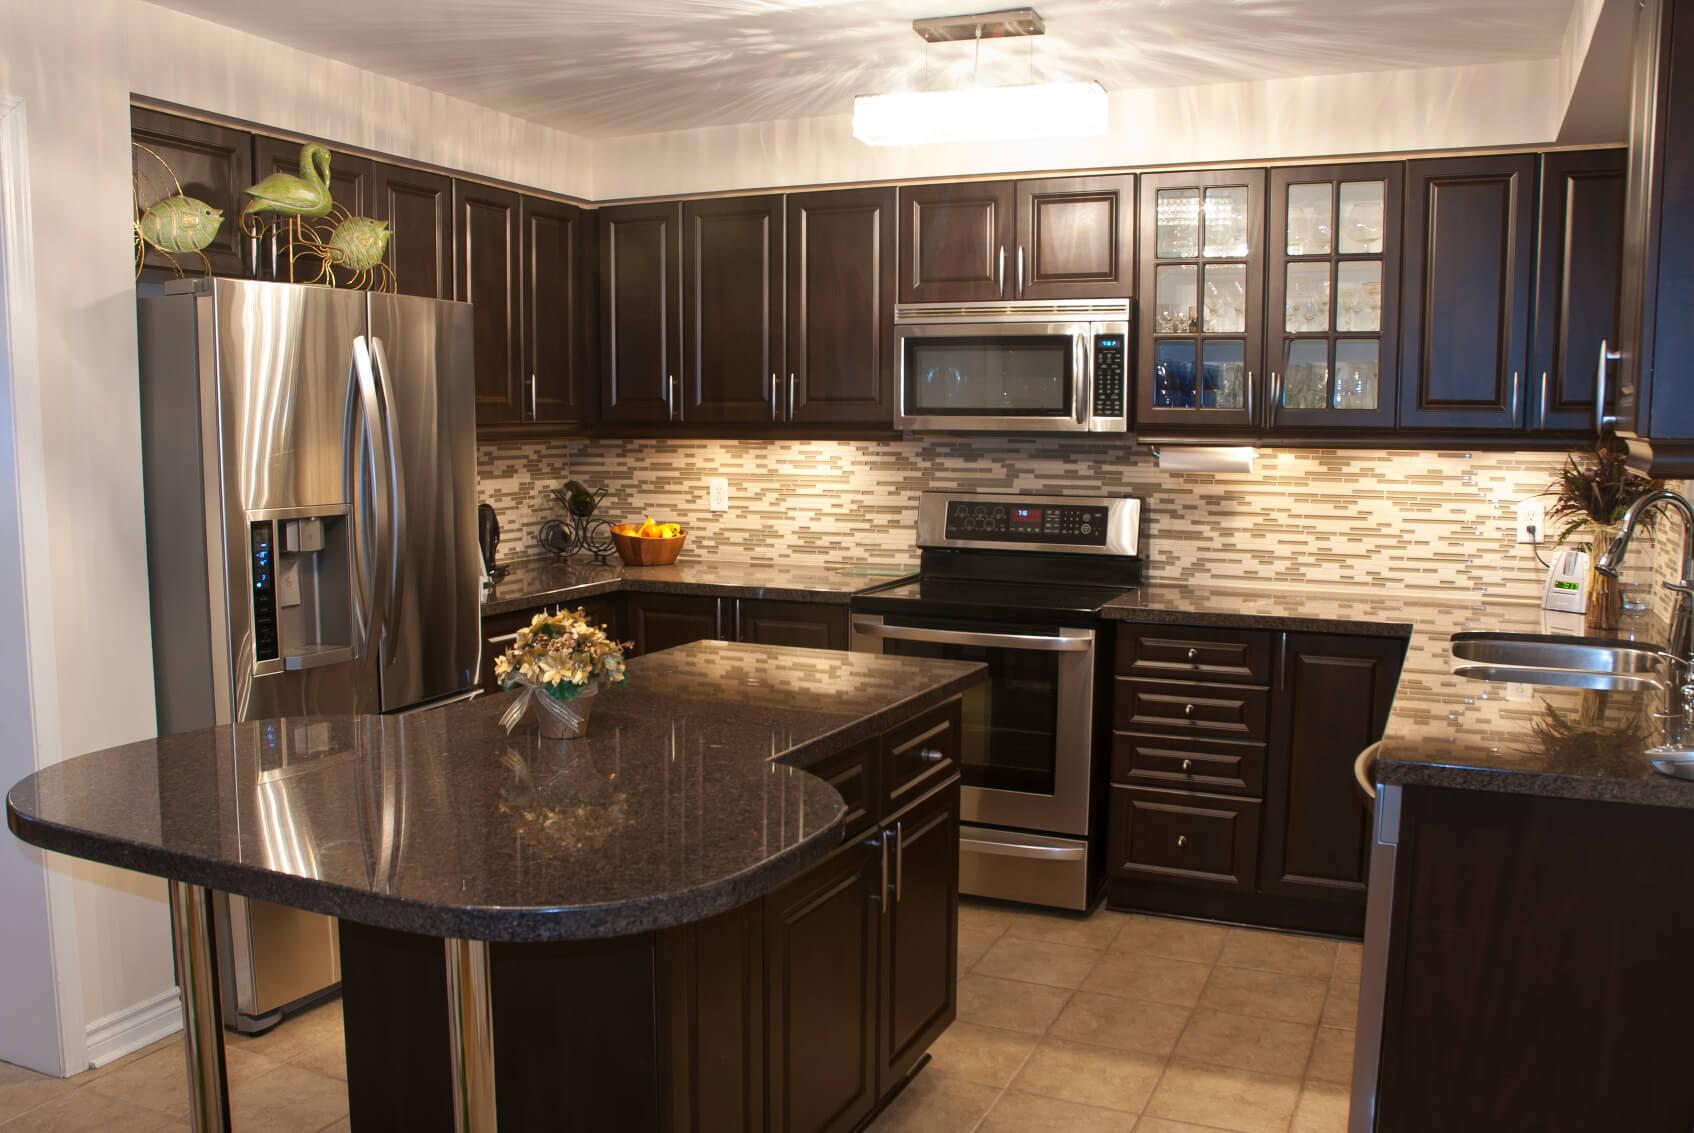 Indoor Wood Trim Blue Backsplash Kitchen Cabinets Wood Or Black Kitchen Cabinets Kitchen Cabinets Kitchen Is Stuffed Brushed Black Marble Kitchens houzz-03 Dark Kitchen Cabinets